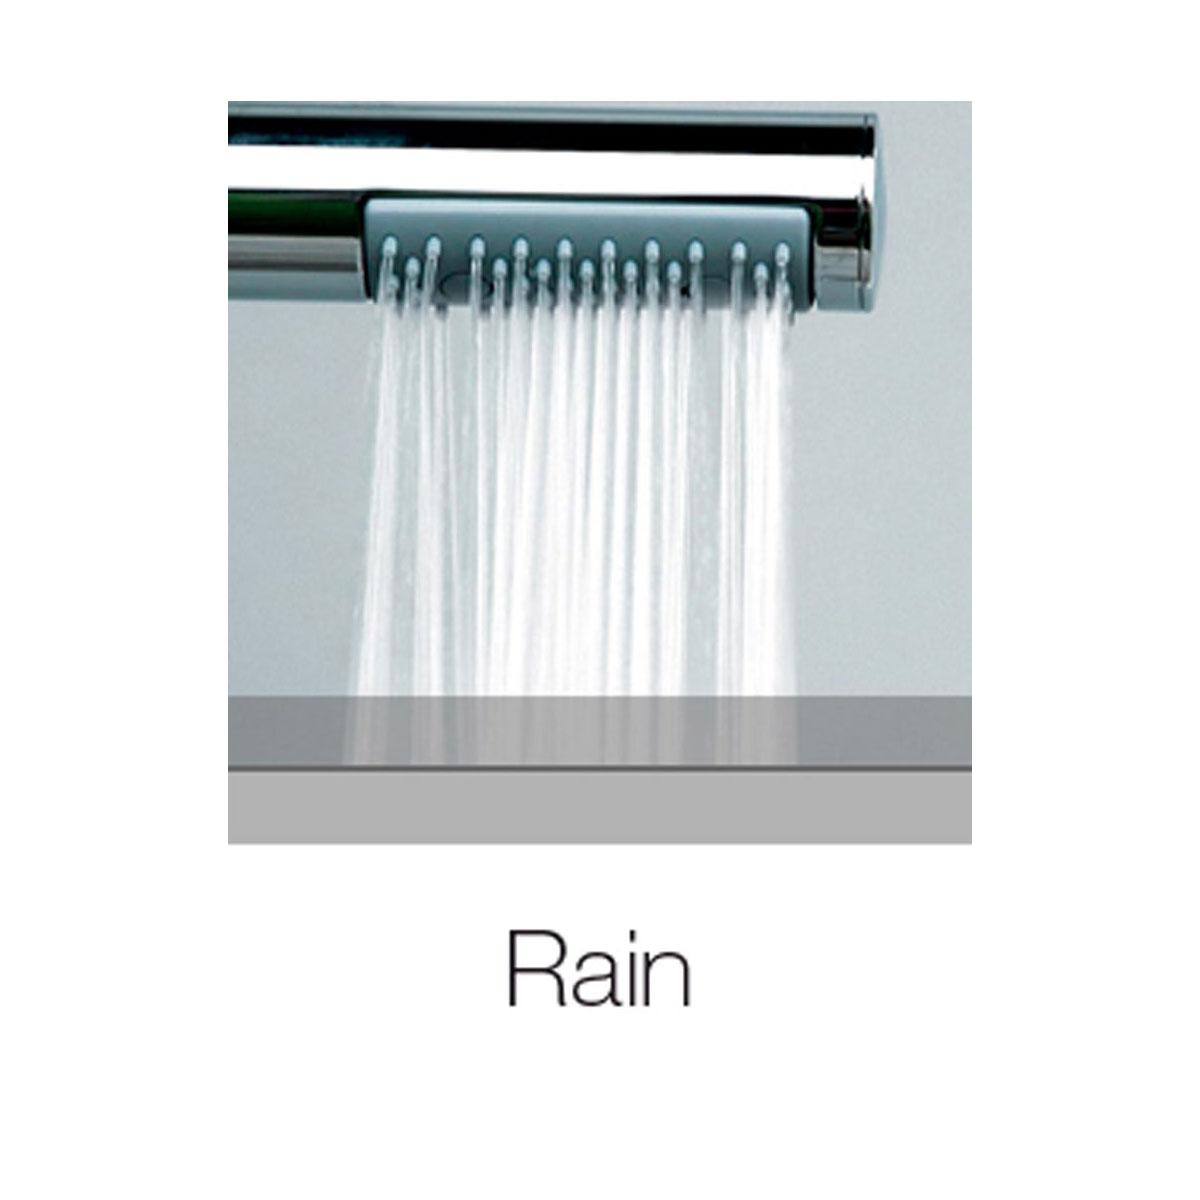 Composizione doccia soffione tondo Ares diametro 400 mm e kit duplex Bossini